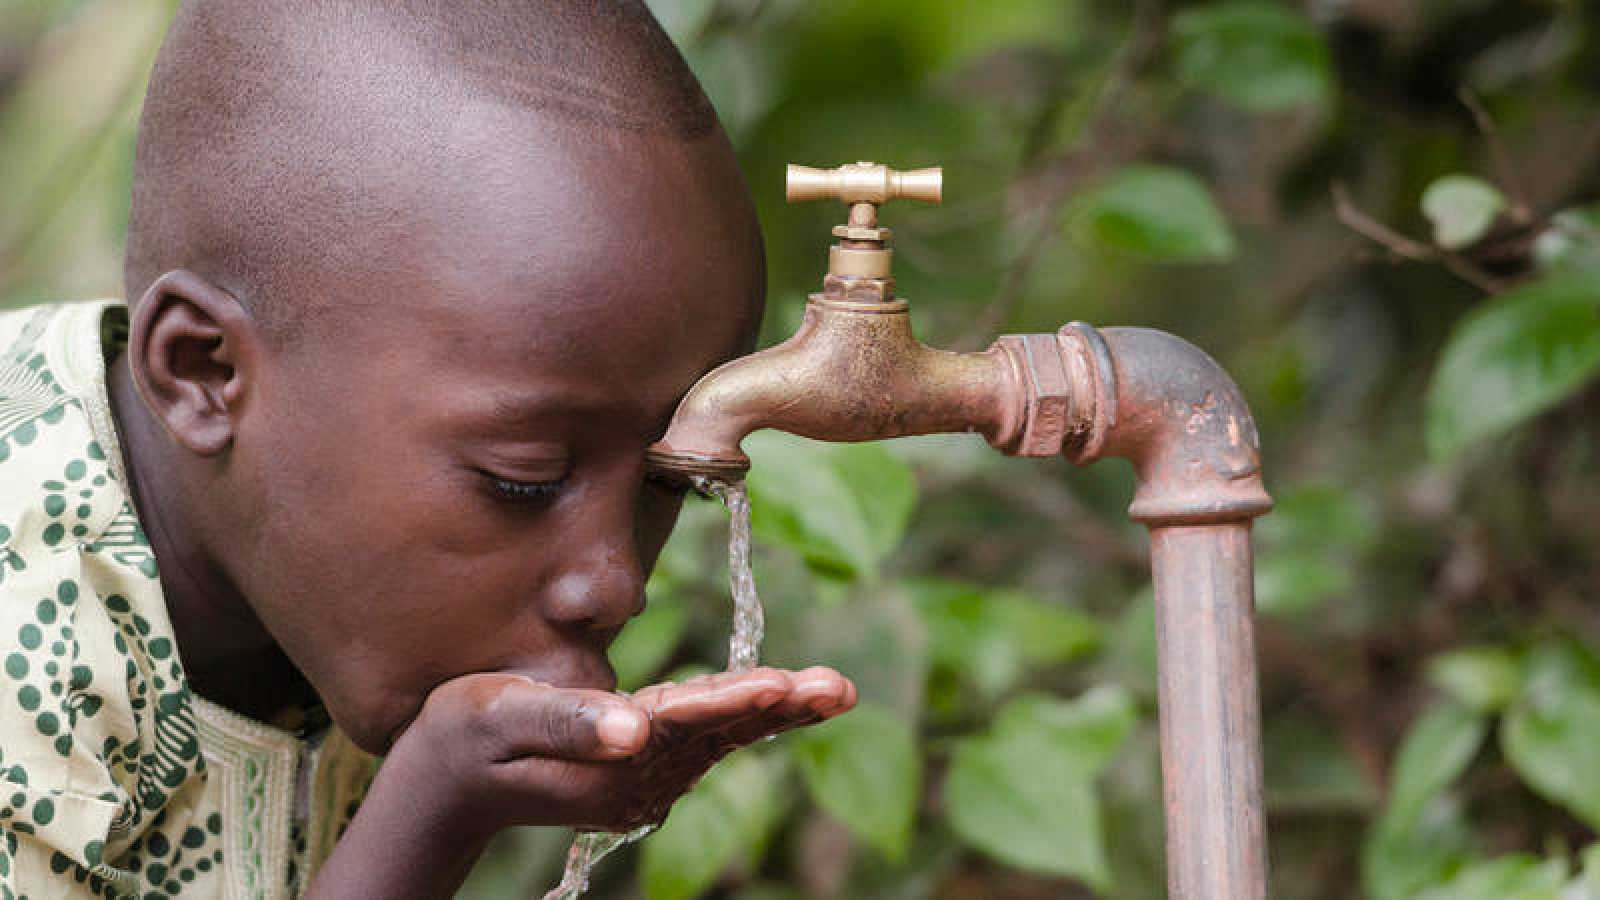 Un niño africano bebe en un grifo agua no potable